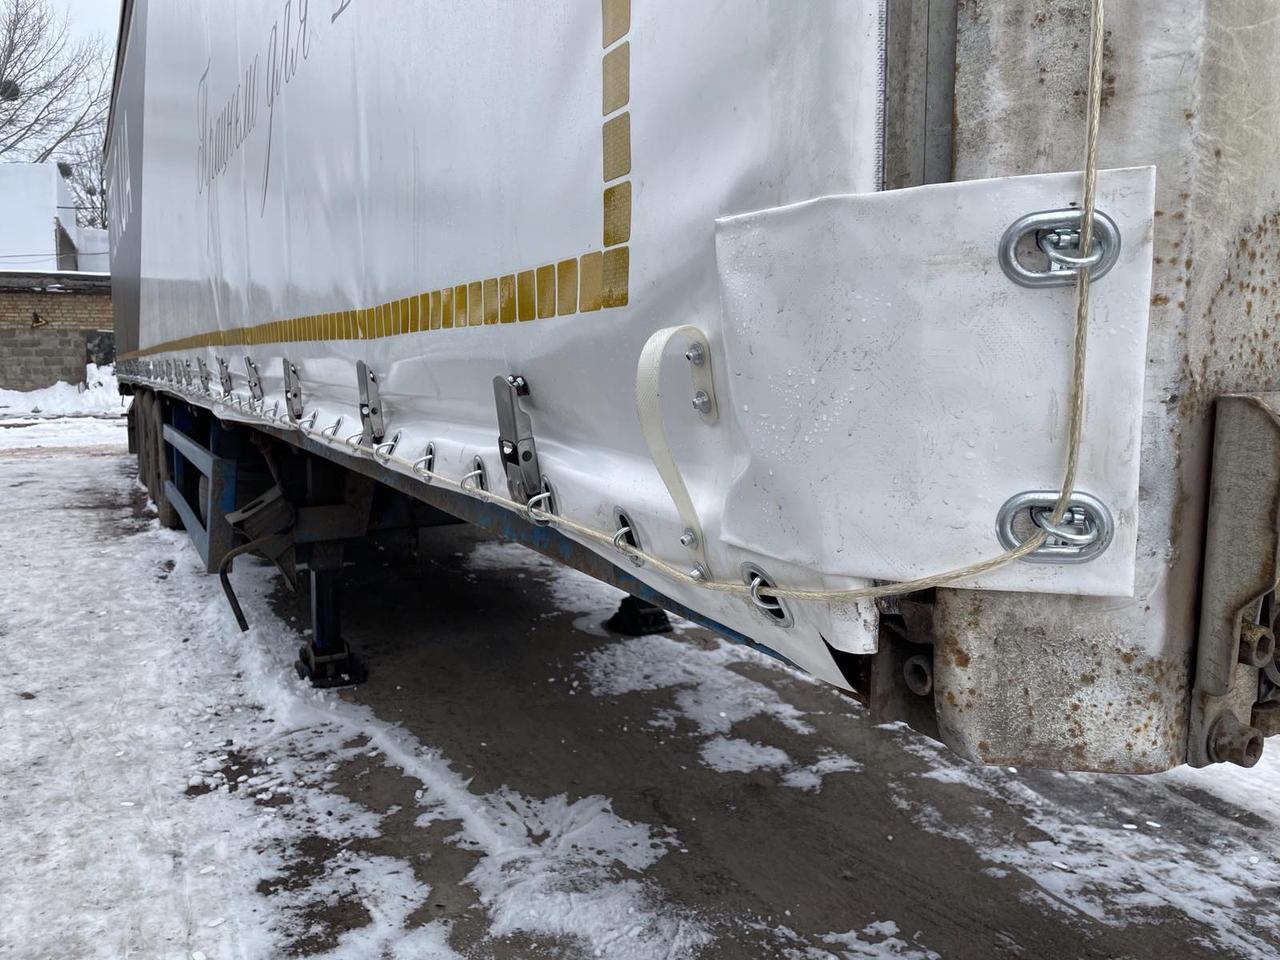 Тенти на автомобільні штори, переробка тенту під митні вимоги, тенти на напівпричепи - Київ